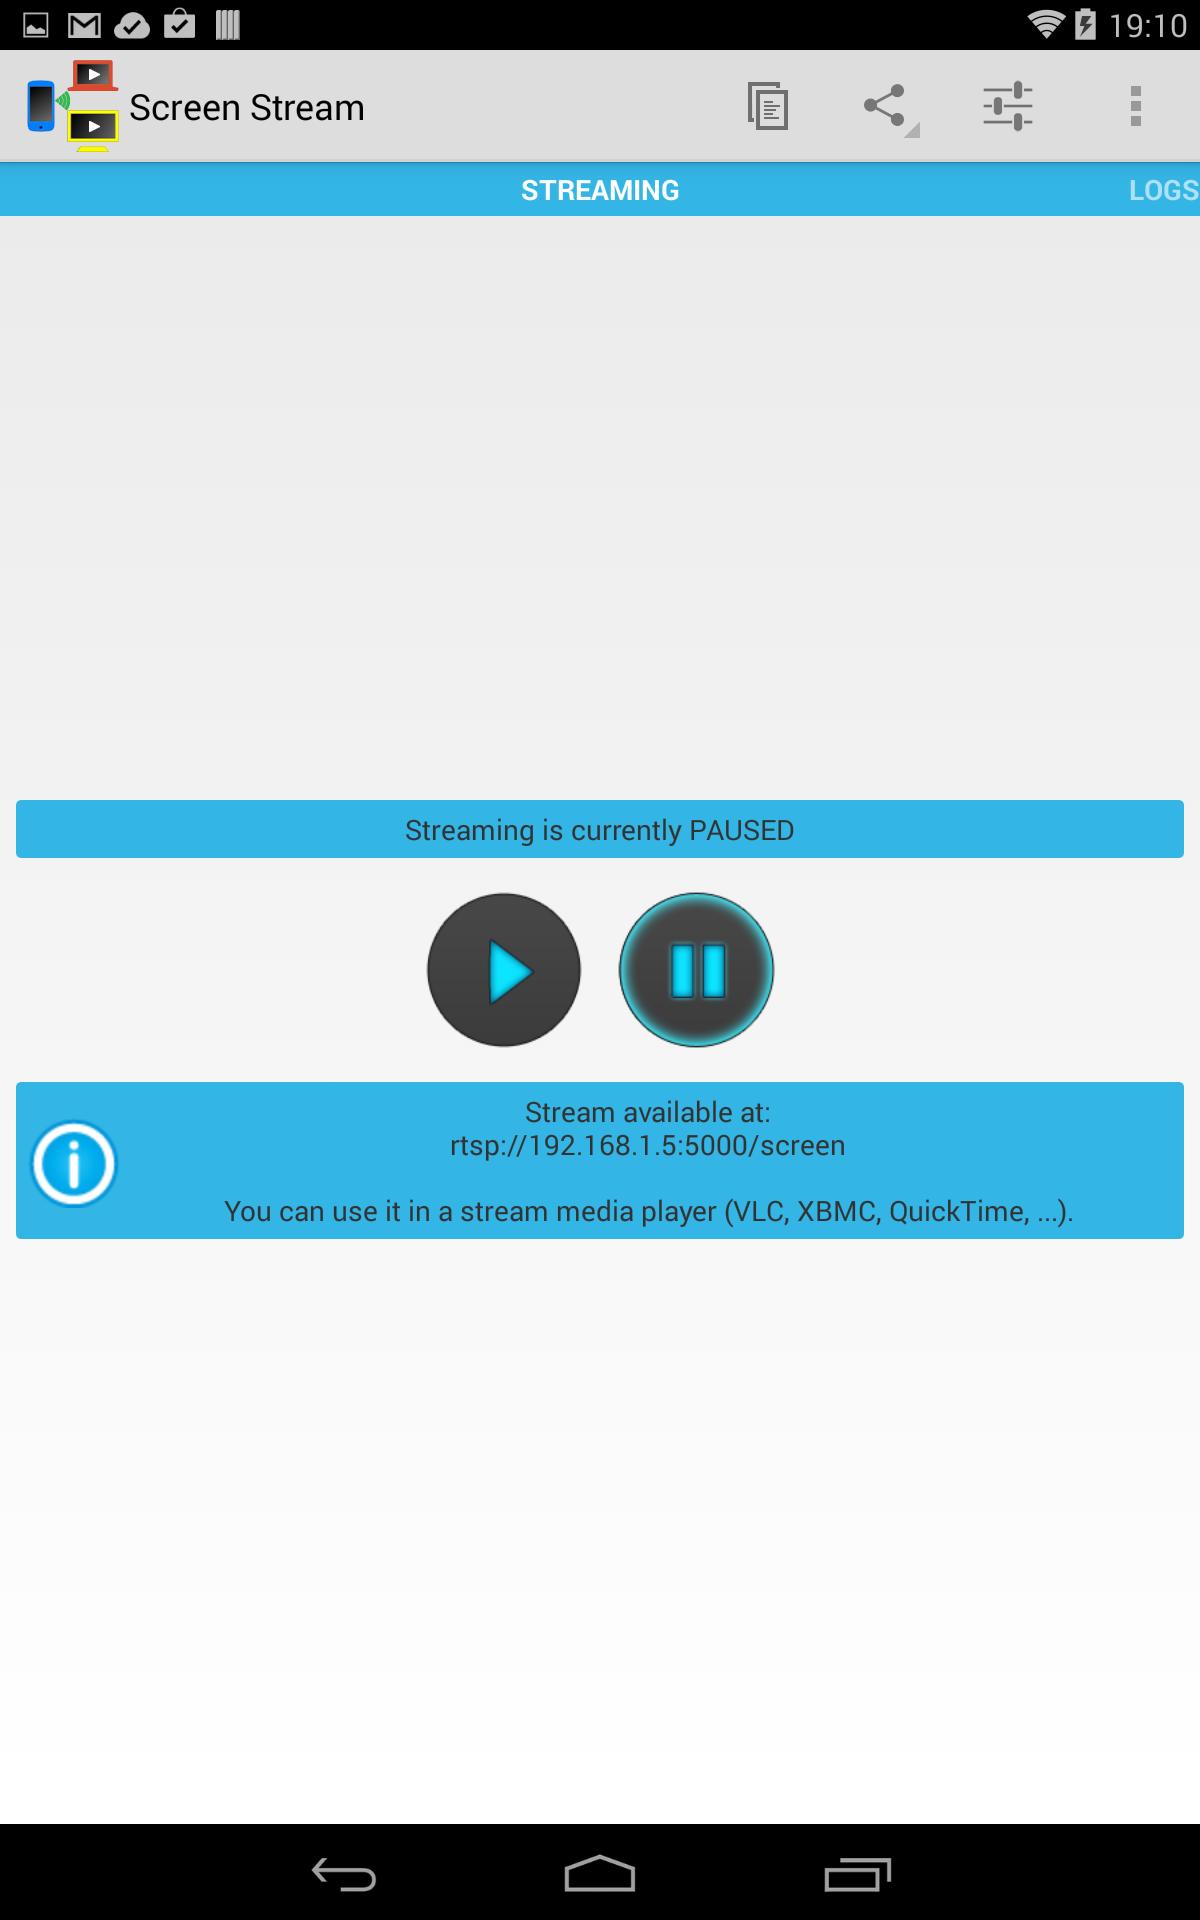 screen stream afficher l cran de votre android sur n importe quel pc win mac linux fa on. Black Bedroom Furniture Sets. Home Design Ideas